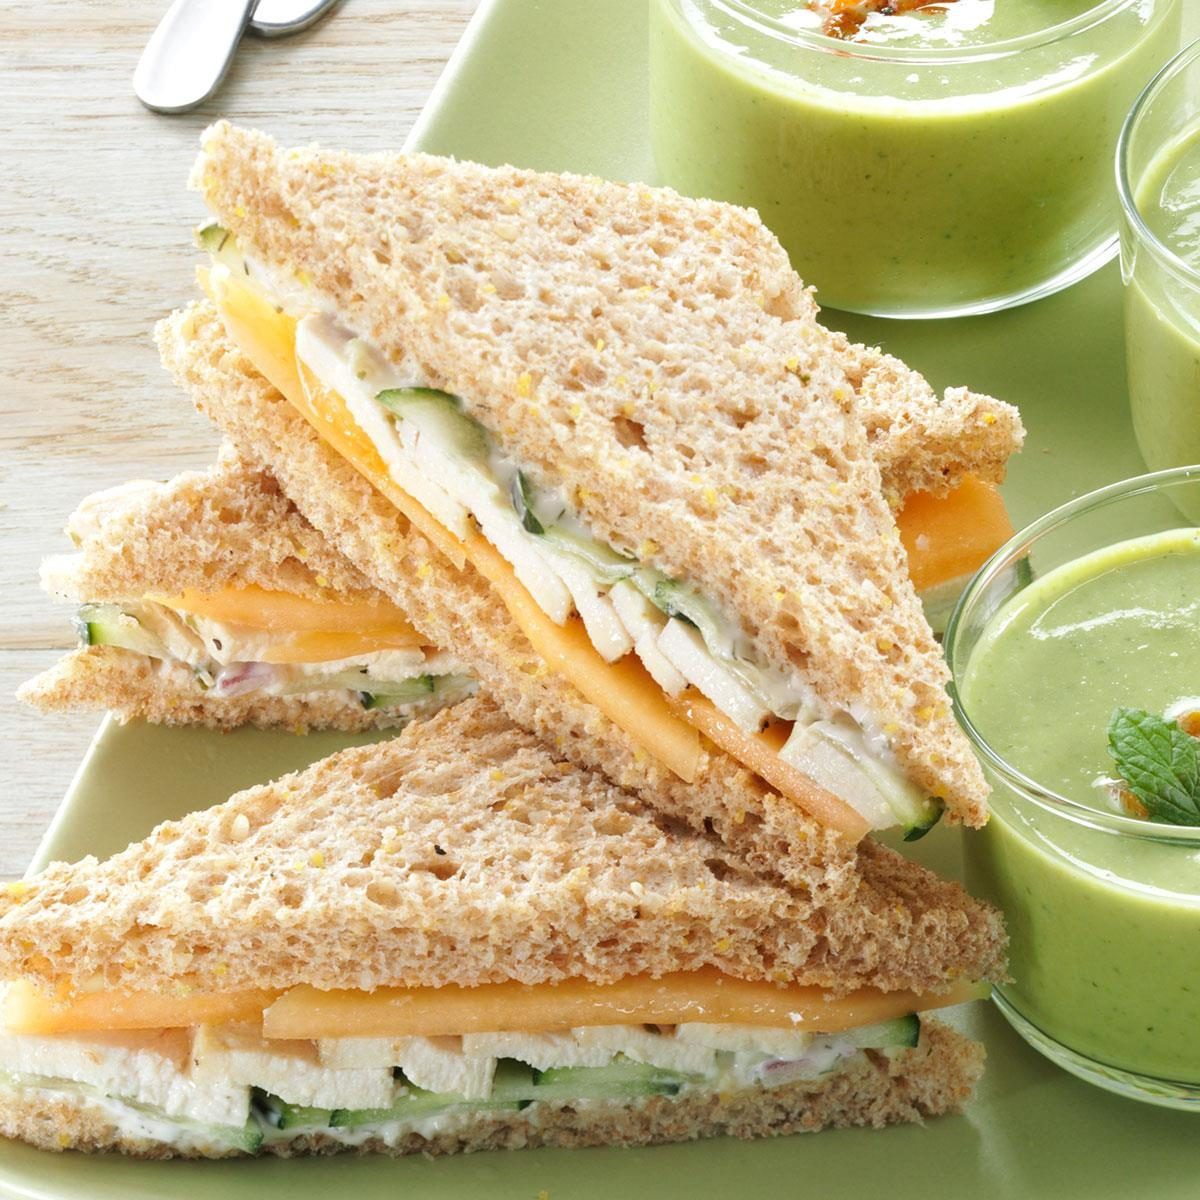 High tea menus and recipes - Summer Tea Sandwiches